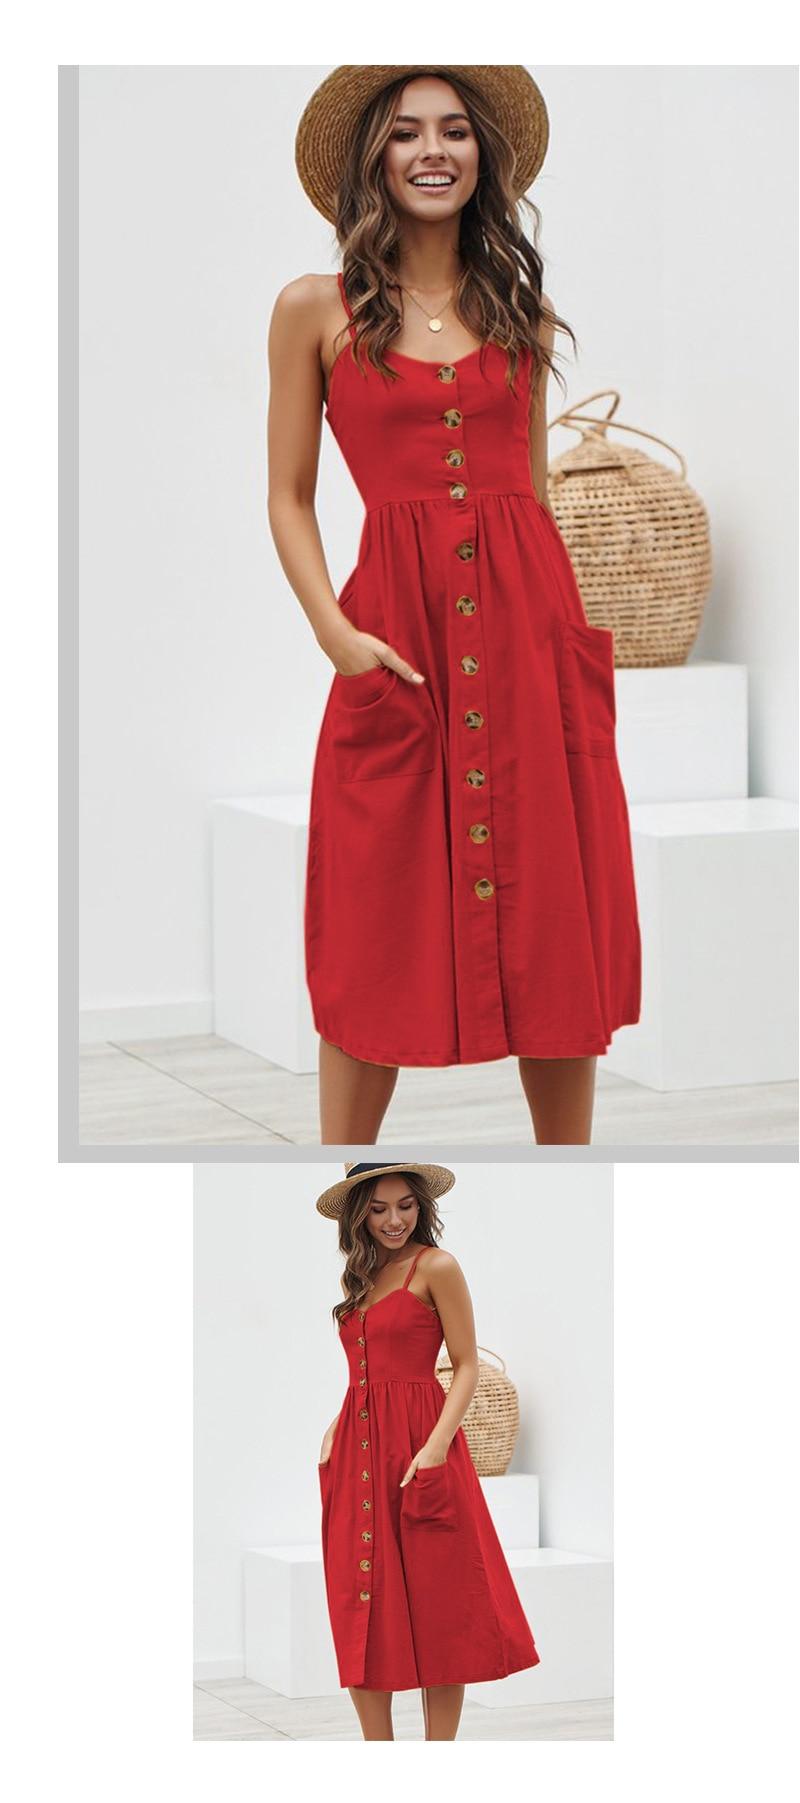 Button Striped Print Cotton Linen Casual Summer Dress 19 Sexy Spaghetti Strap V-neck Off Shoulder Women Midi Dress Vestidos 5